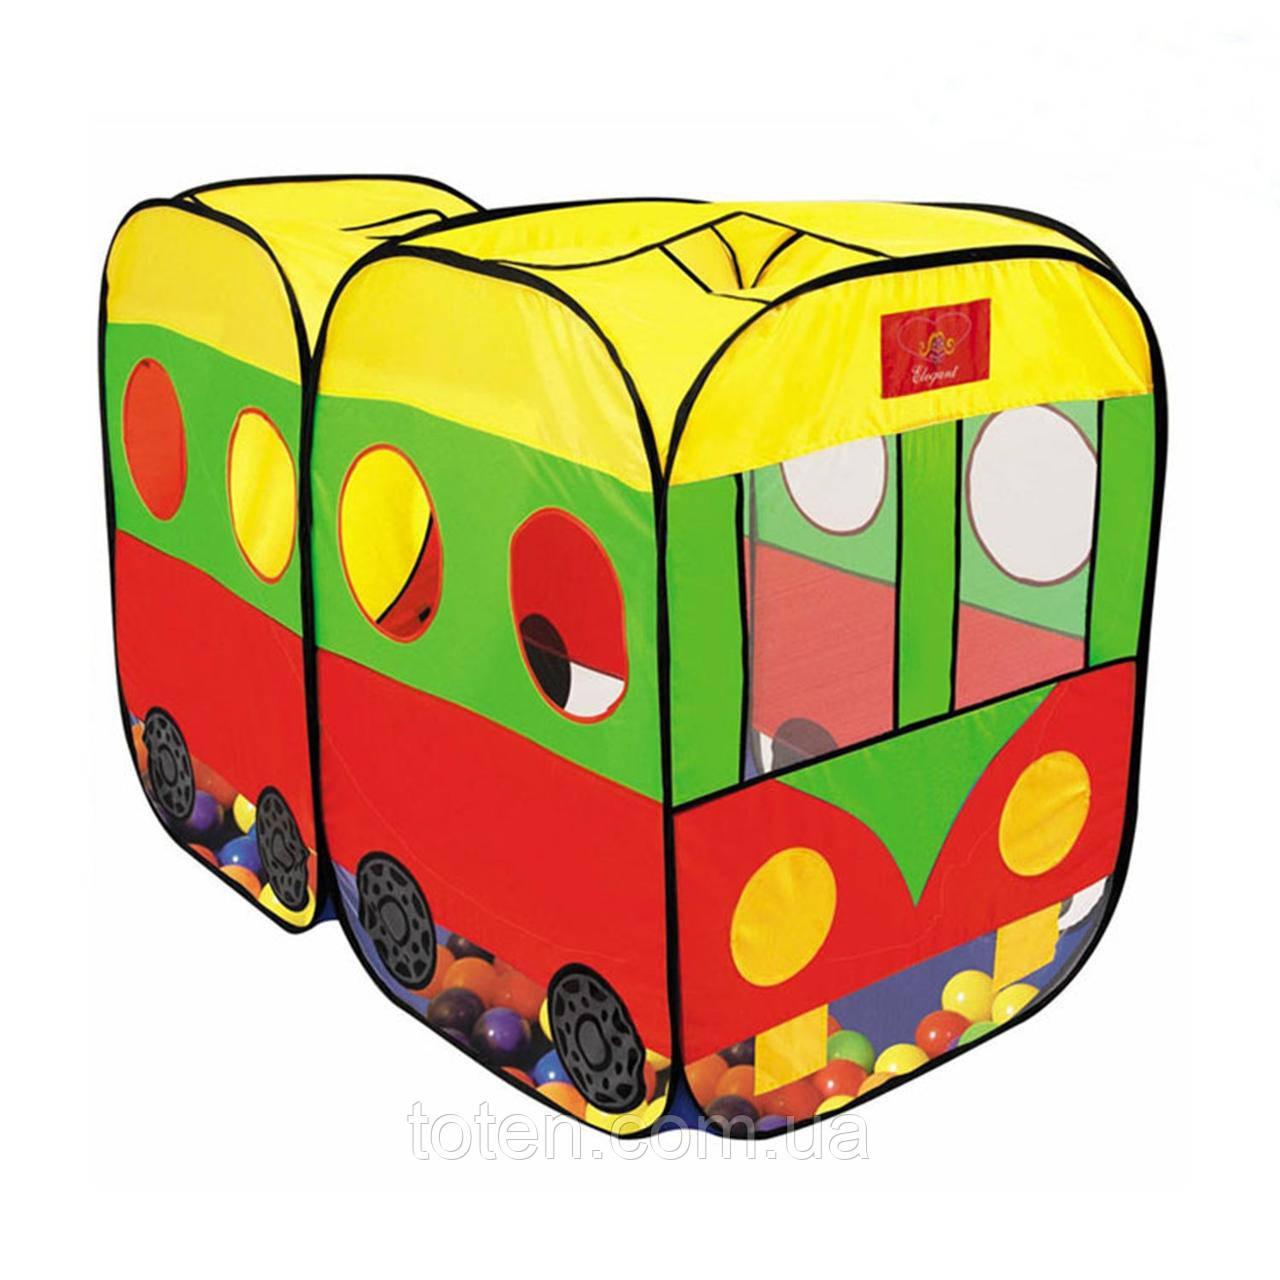 Палатка детская автобус 8027  Размер 140x73x96см